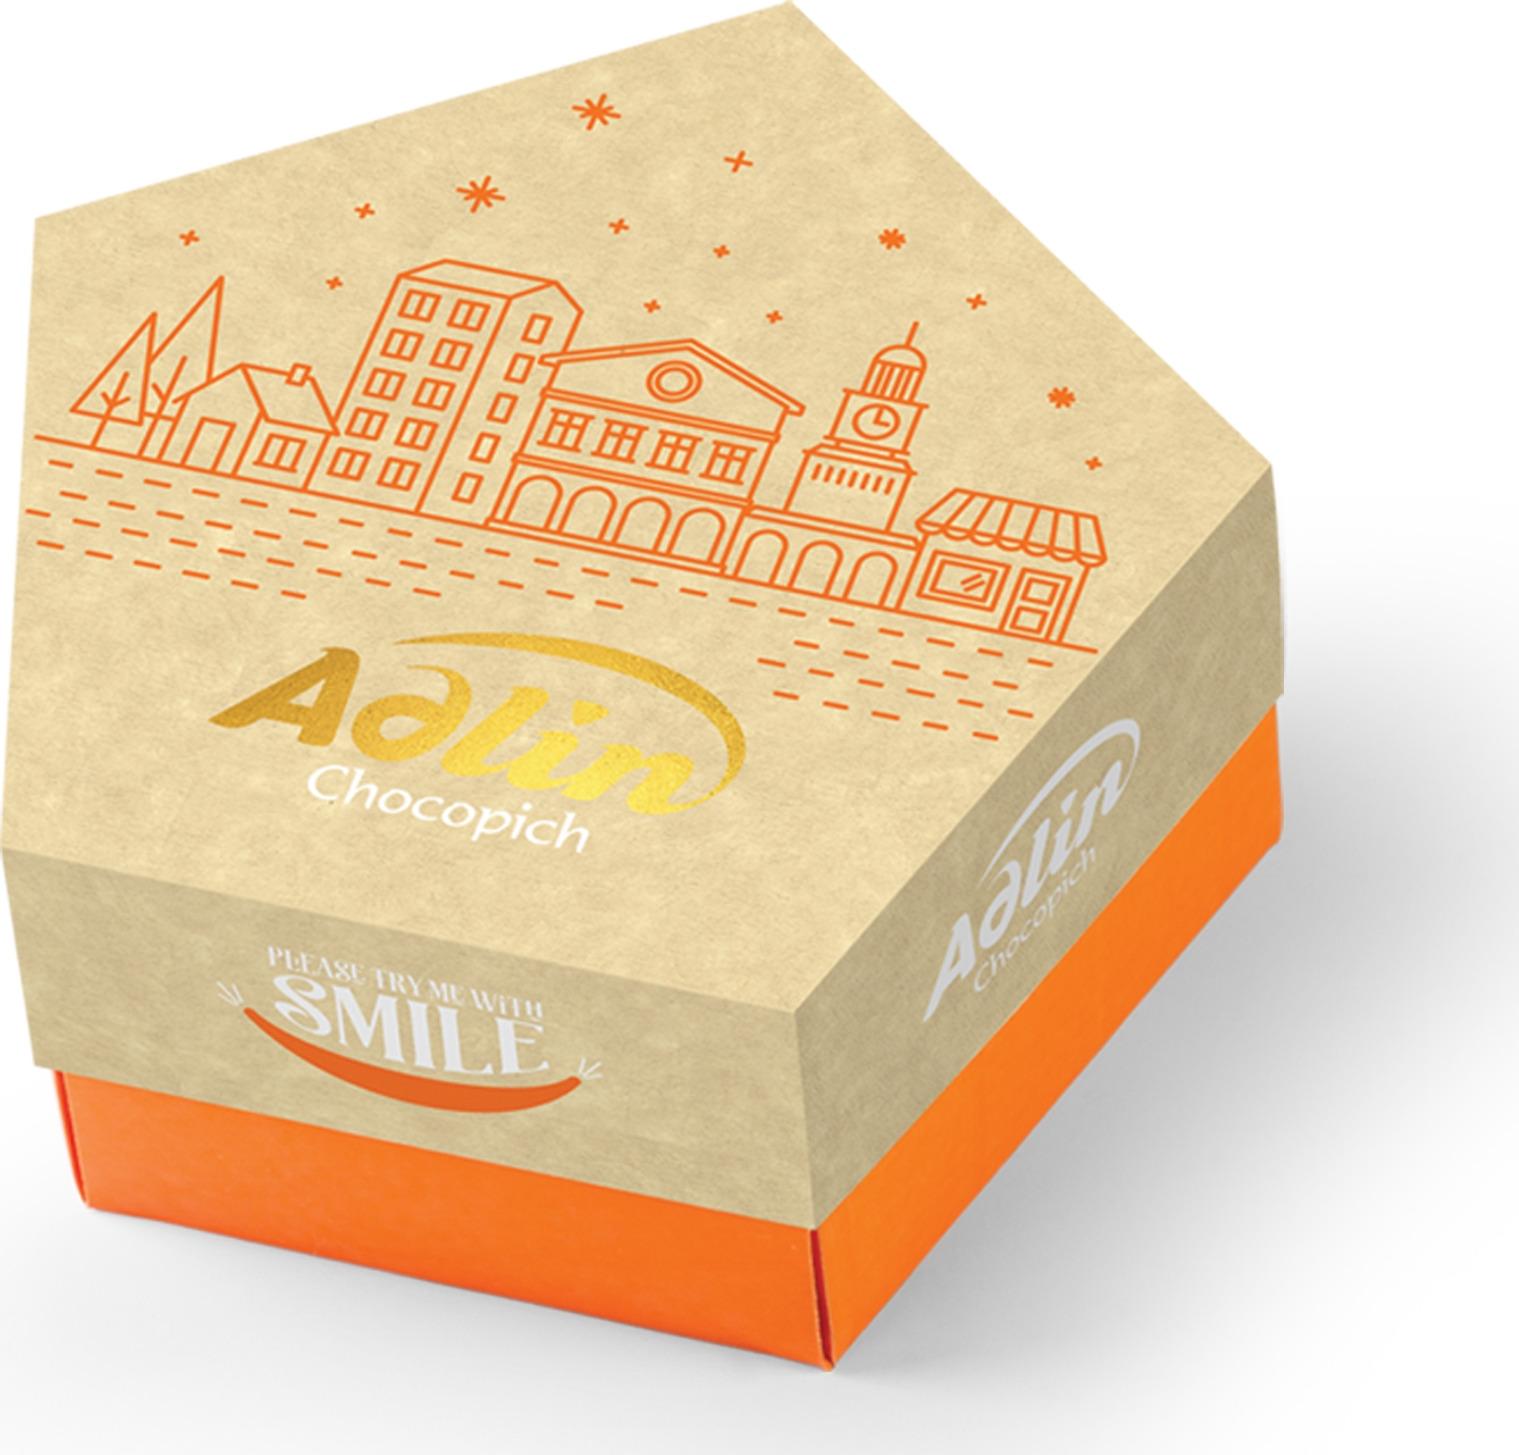 цена Конфеты из пашмалы Adlin с миндалем в шоколадной глазури, 150 г онлайн в 2017 году